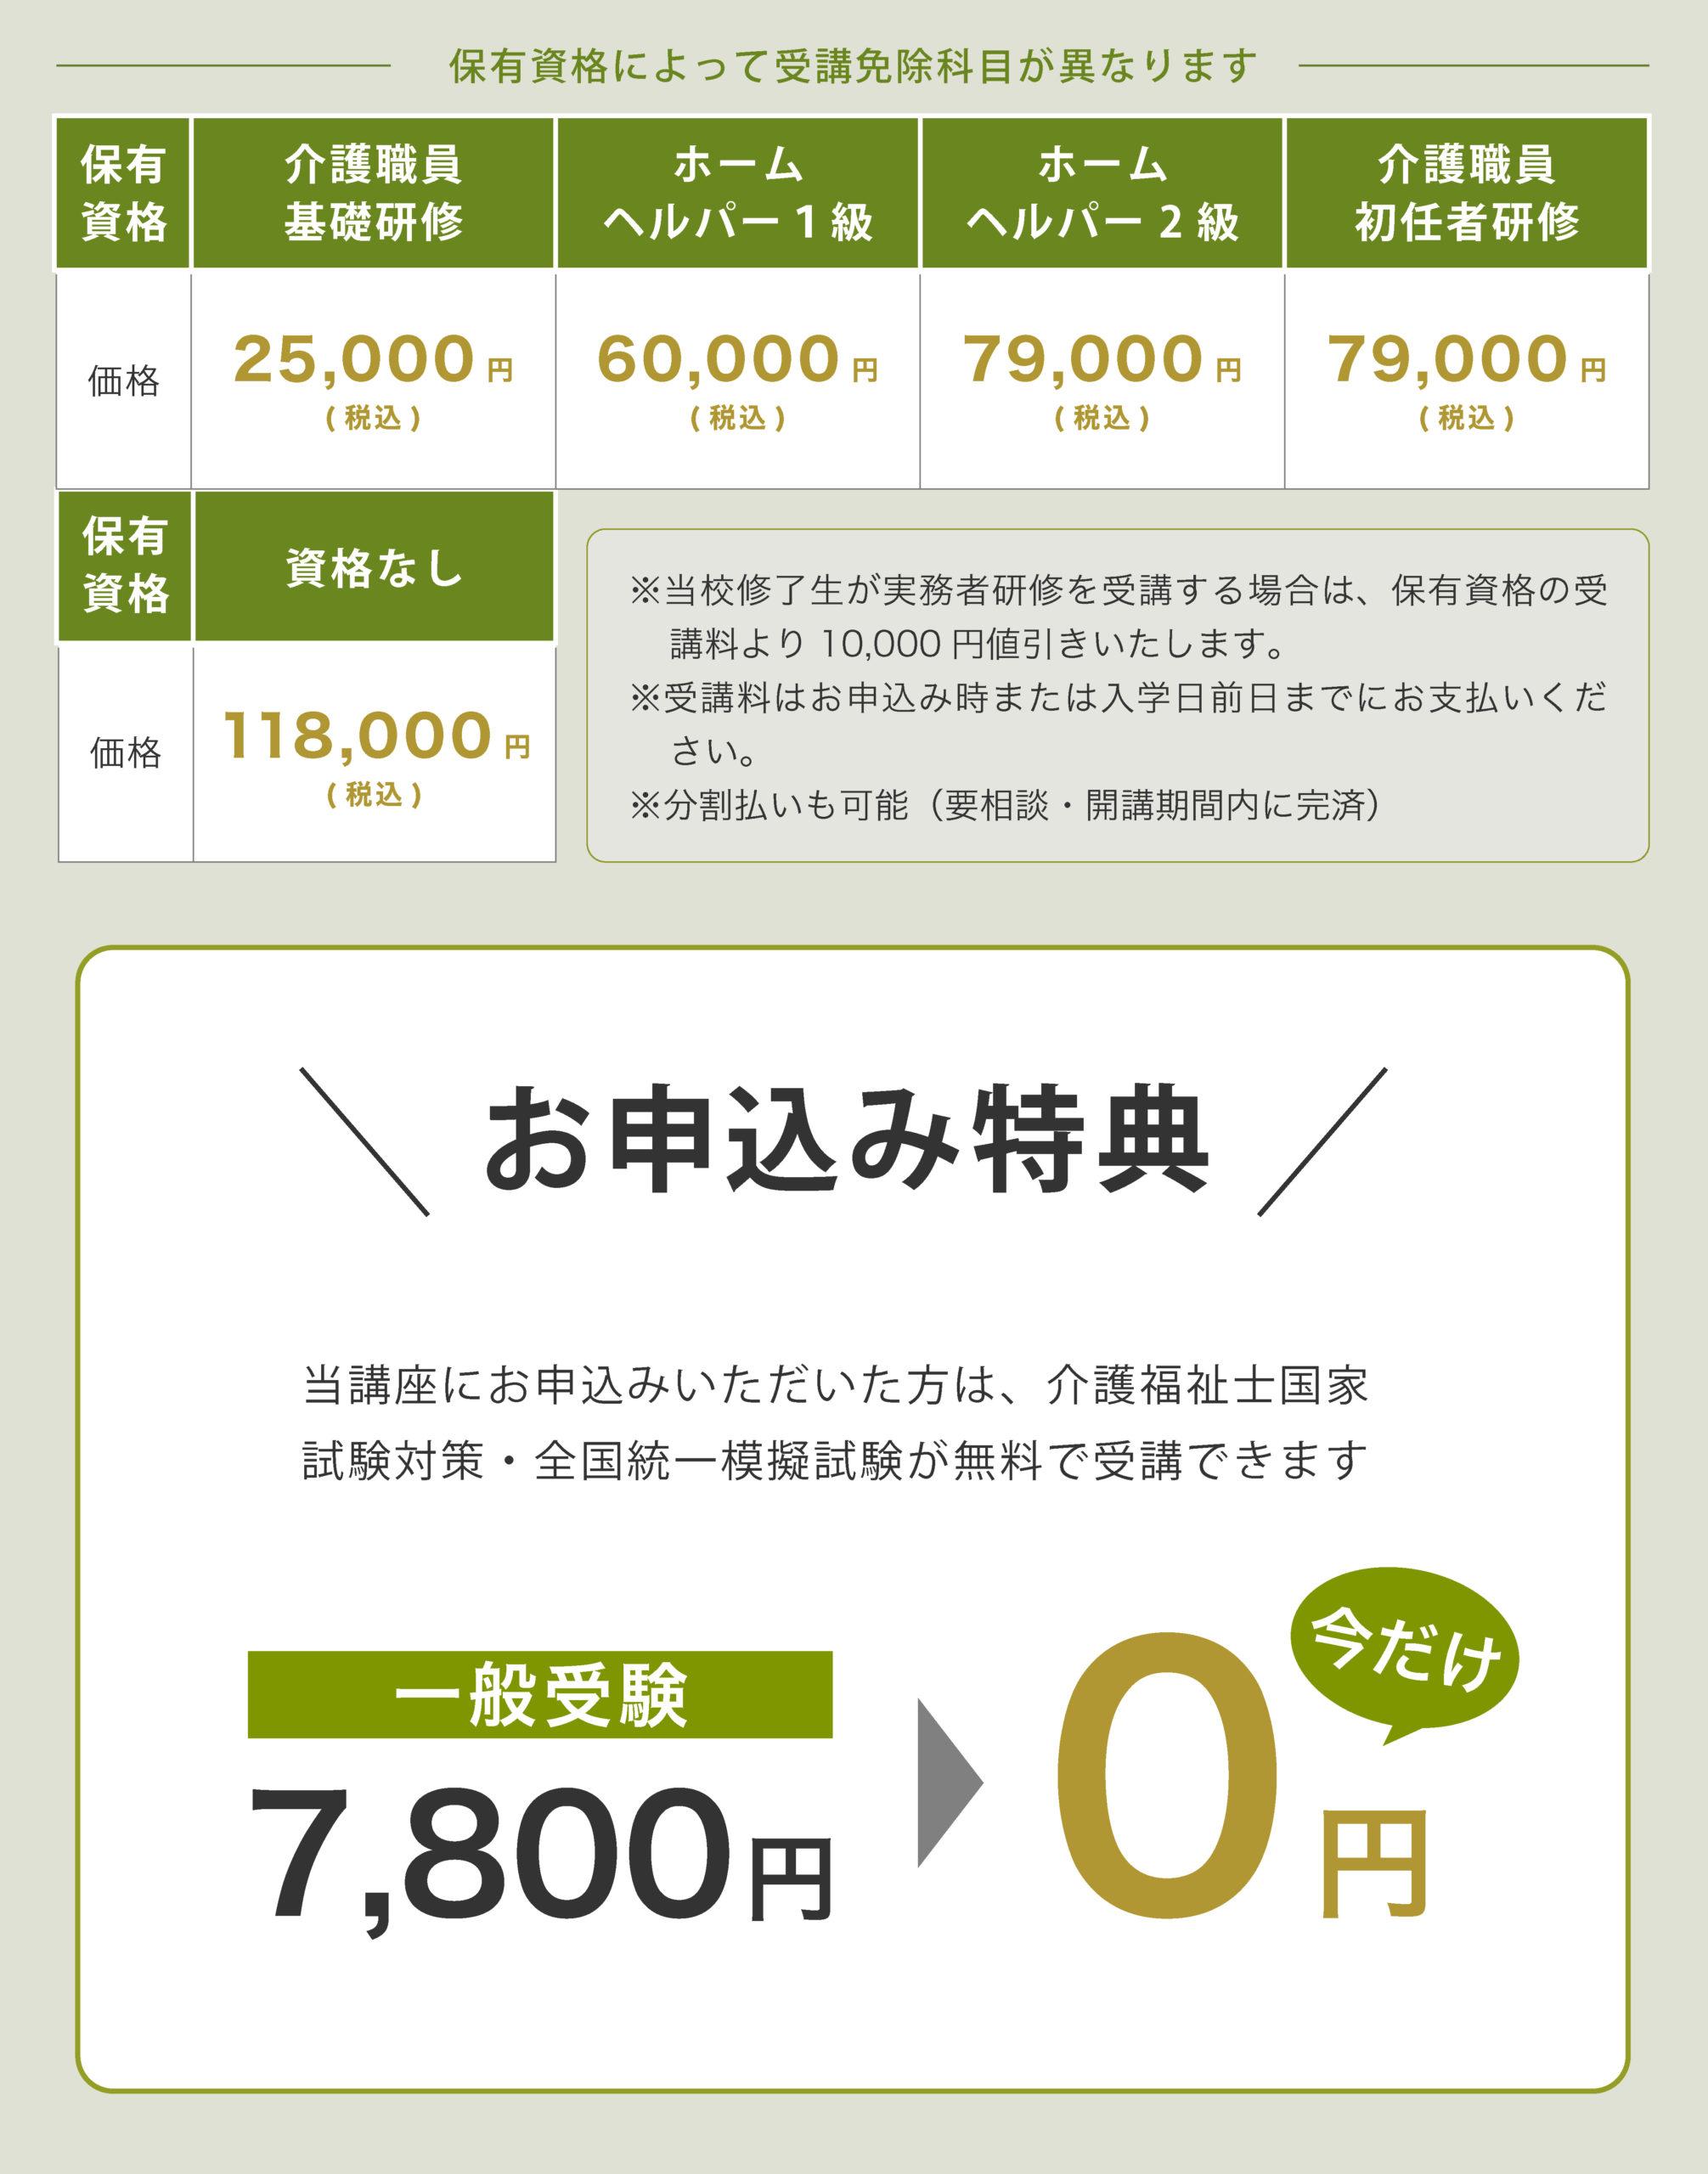 介護福祉士実務者研修受講料(お申し込み特典版)